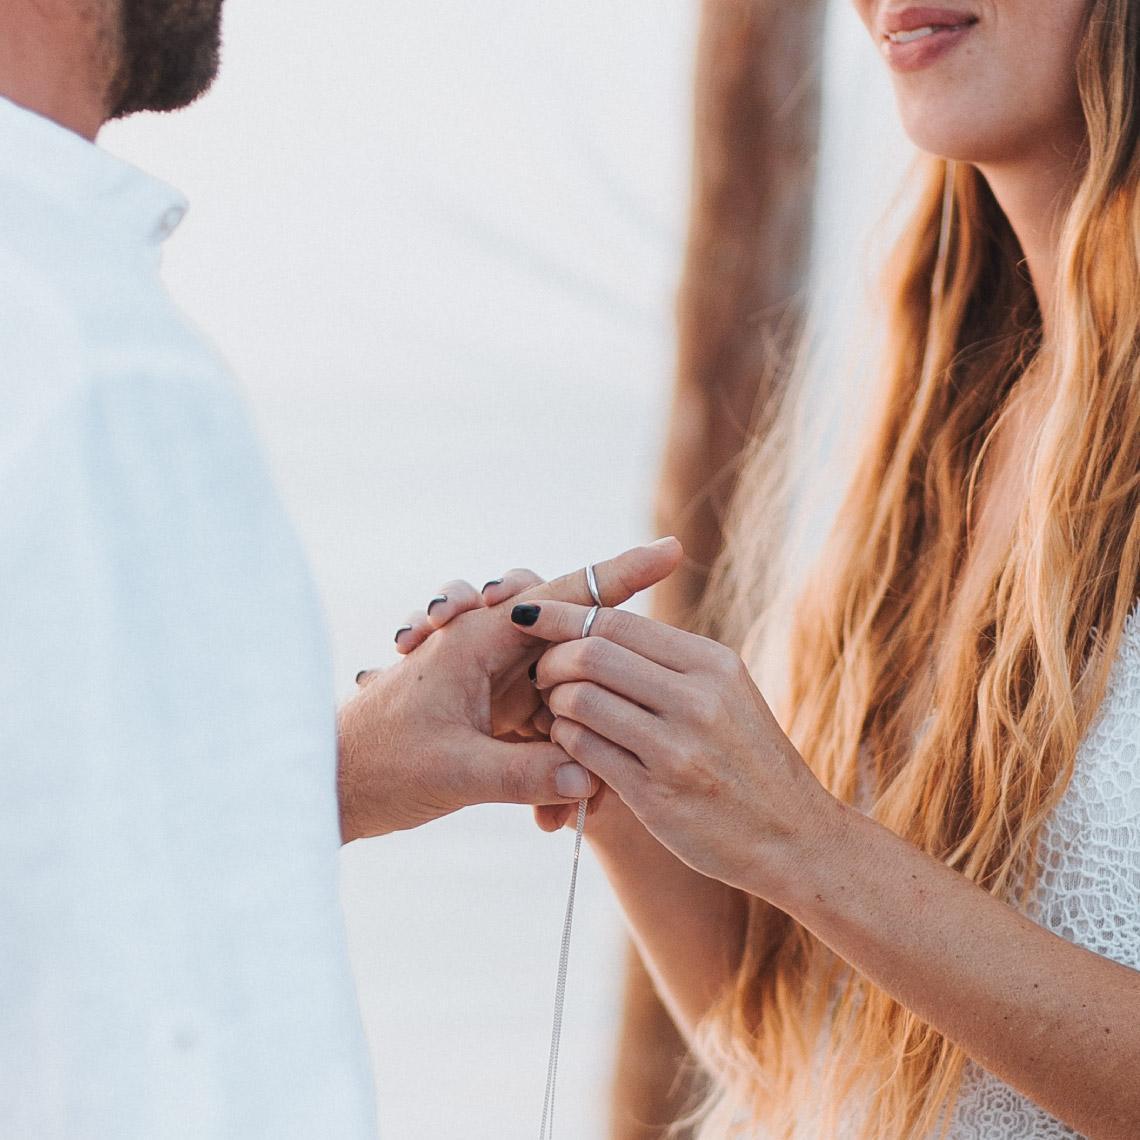 הפקת חתונה בים - מרפסת בטבע